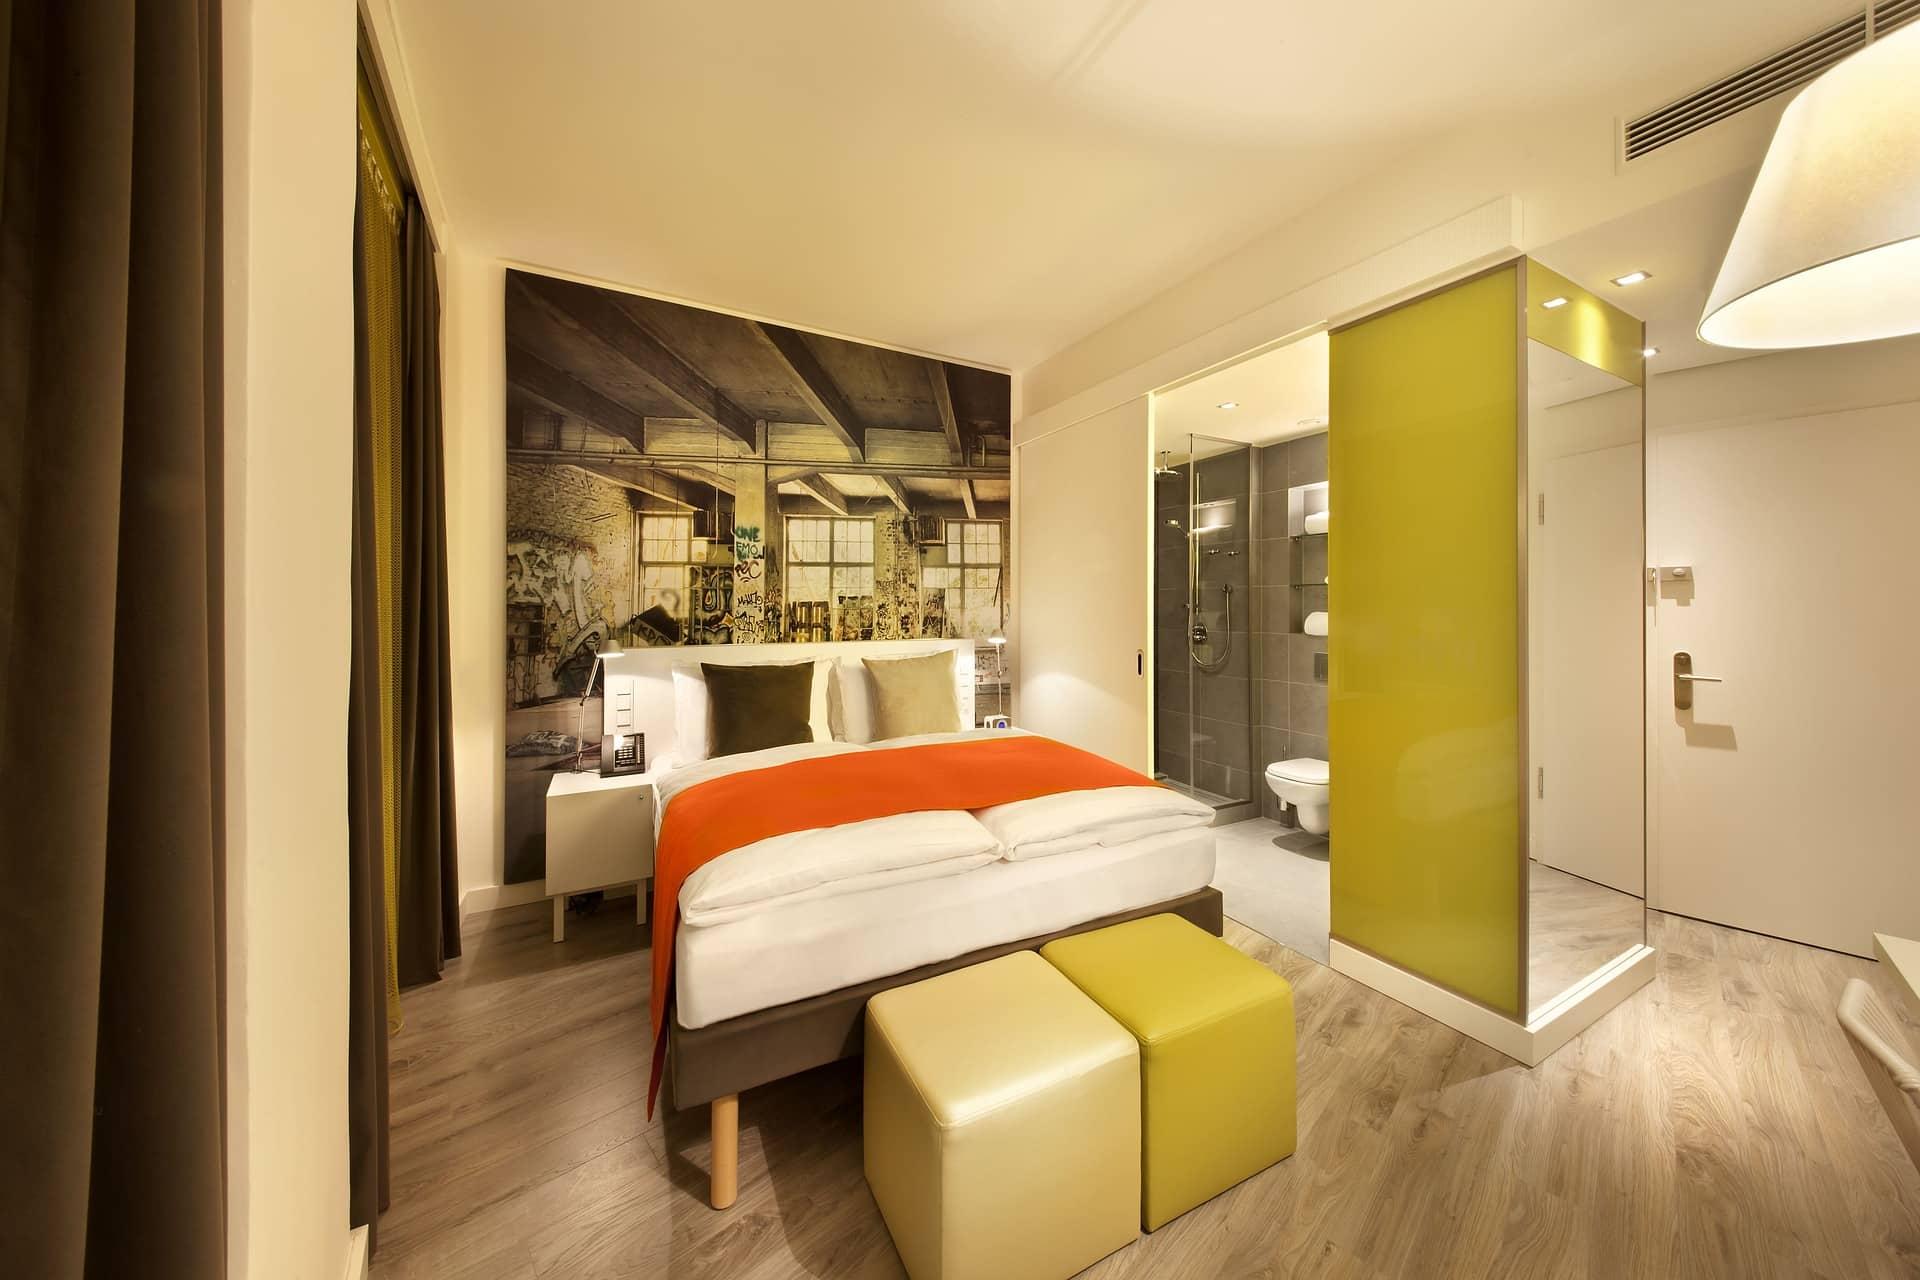 Mehr Umsatz: Hotelzimmer stundenweise vermieten